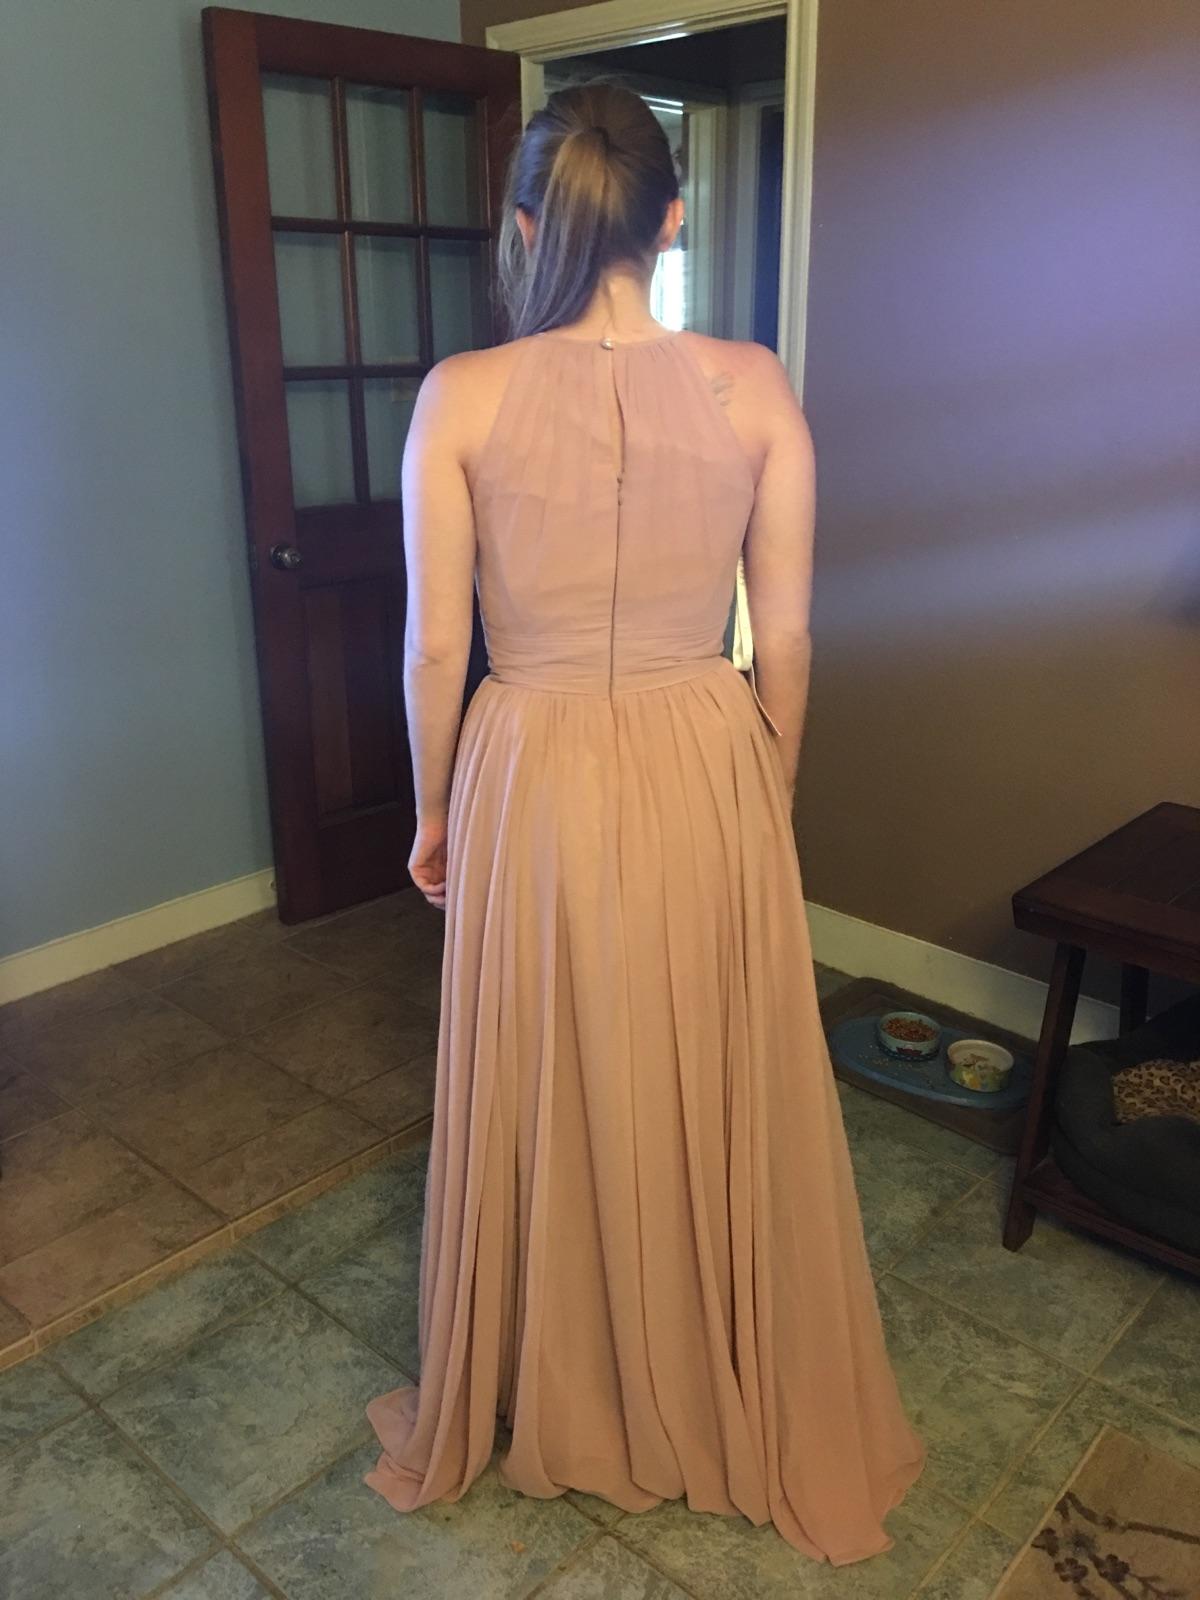 9a978423f1f Azazie Cherish Bridesmaid Dress Reviews